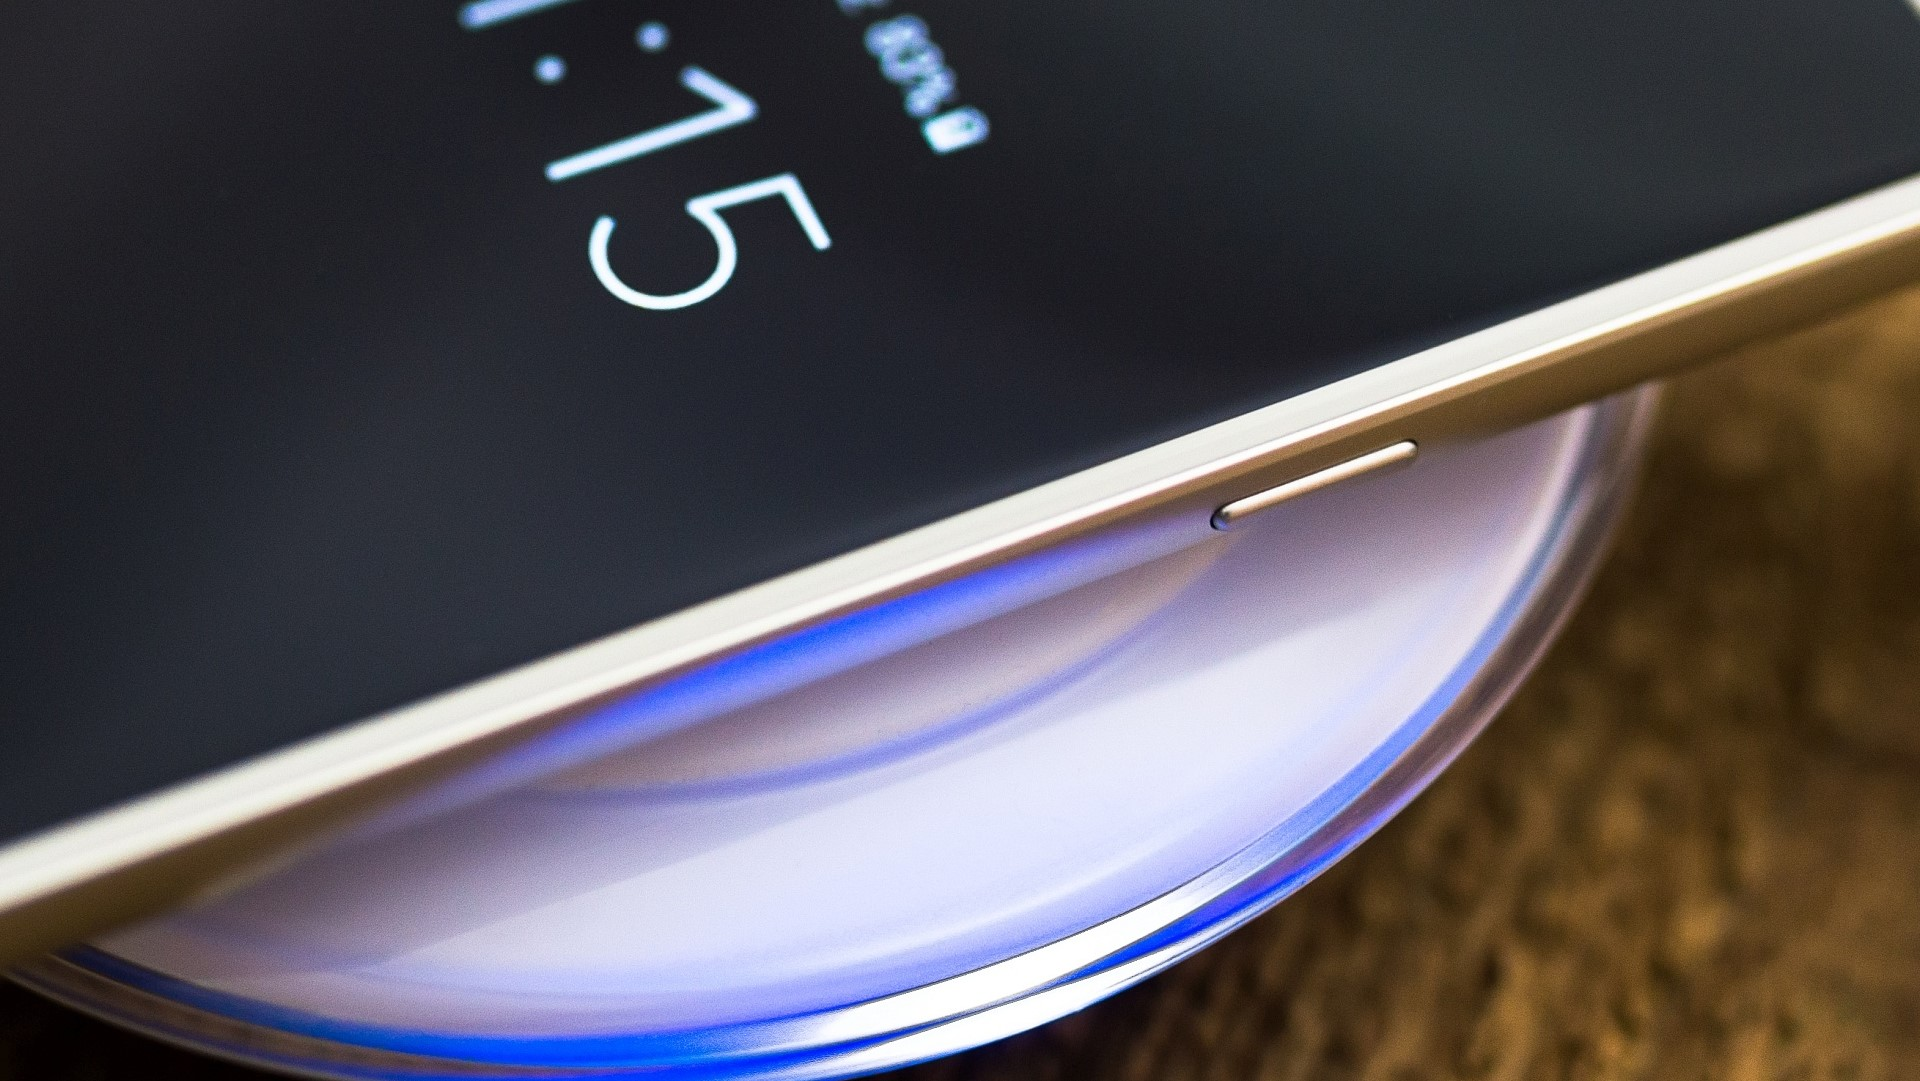 Miglior caricabatterie wireless per Samsung 2020: Guida all'acquisto